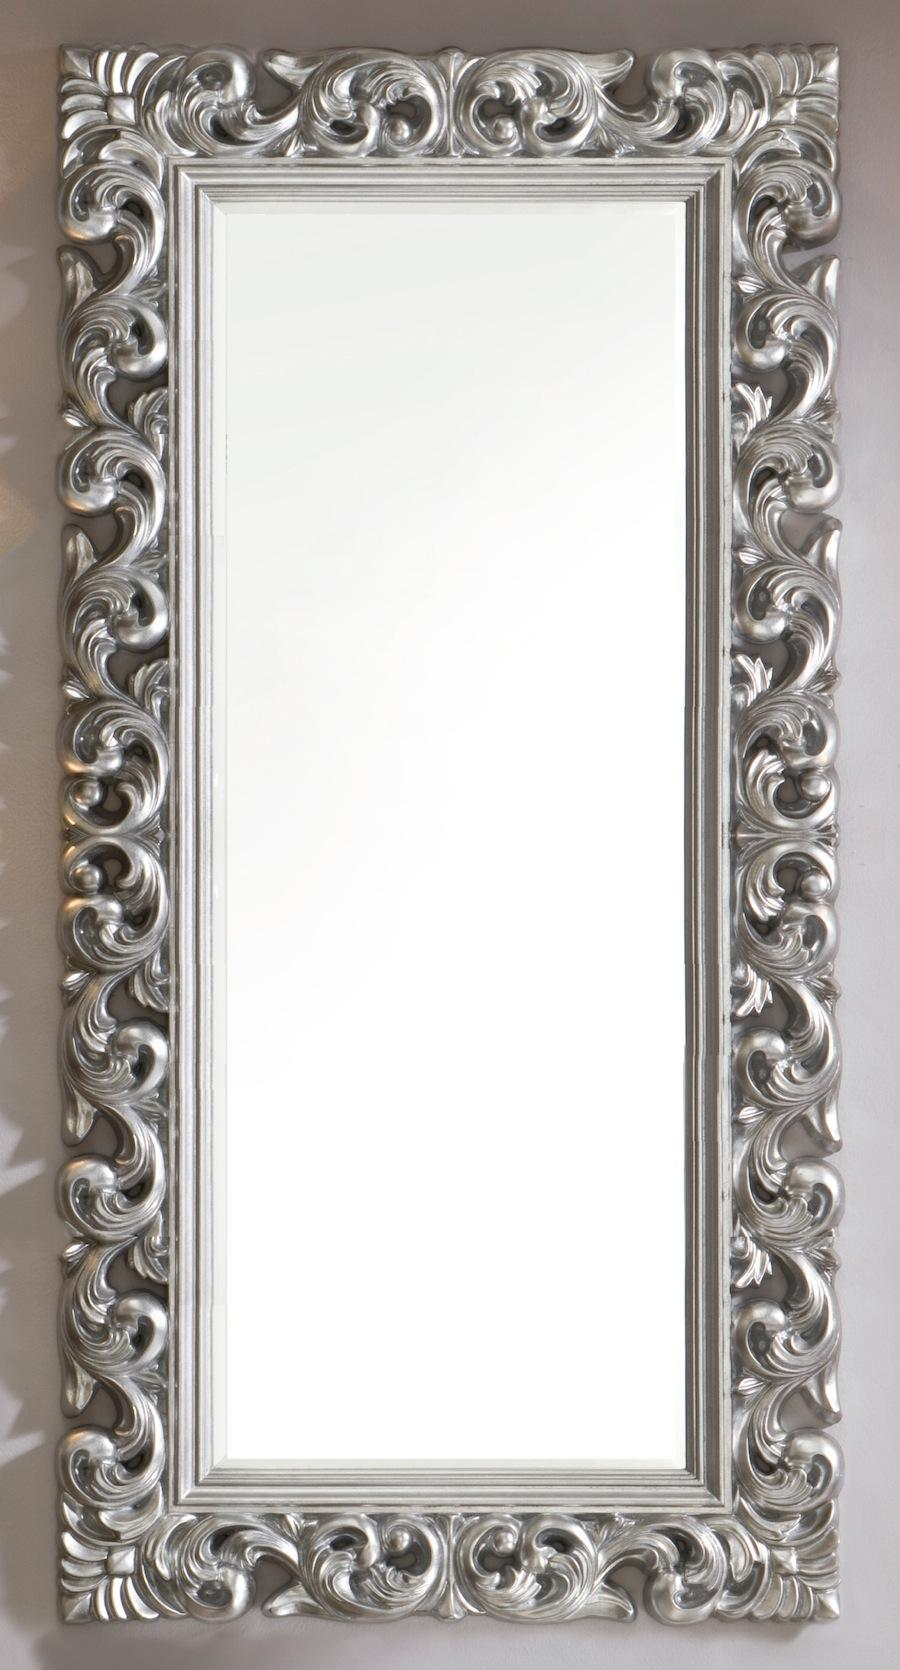 Marcos de espejos vinilo decorativo marco de espejo for Espejos para pared grandes sin marco